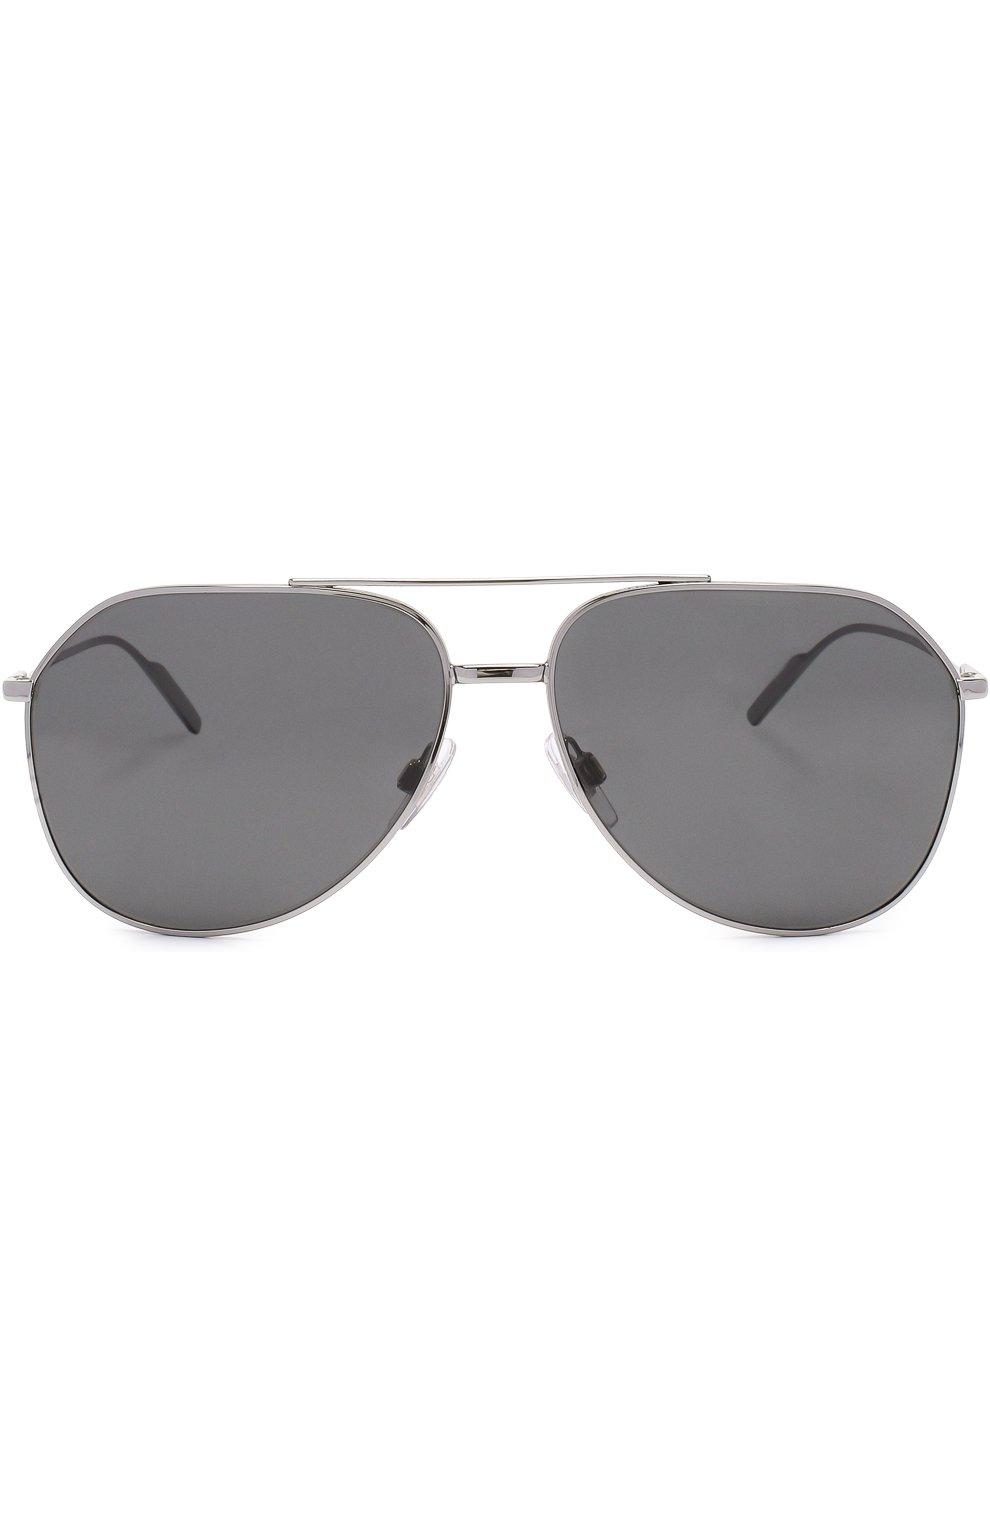 Солнцезащитные очки Dolce & Gabbana серые   Фото №2